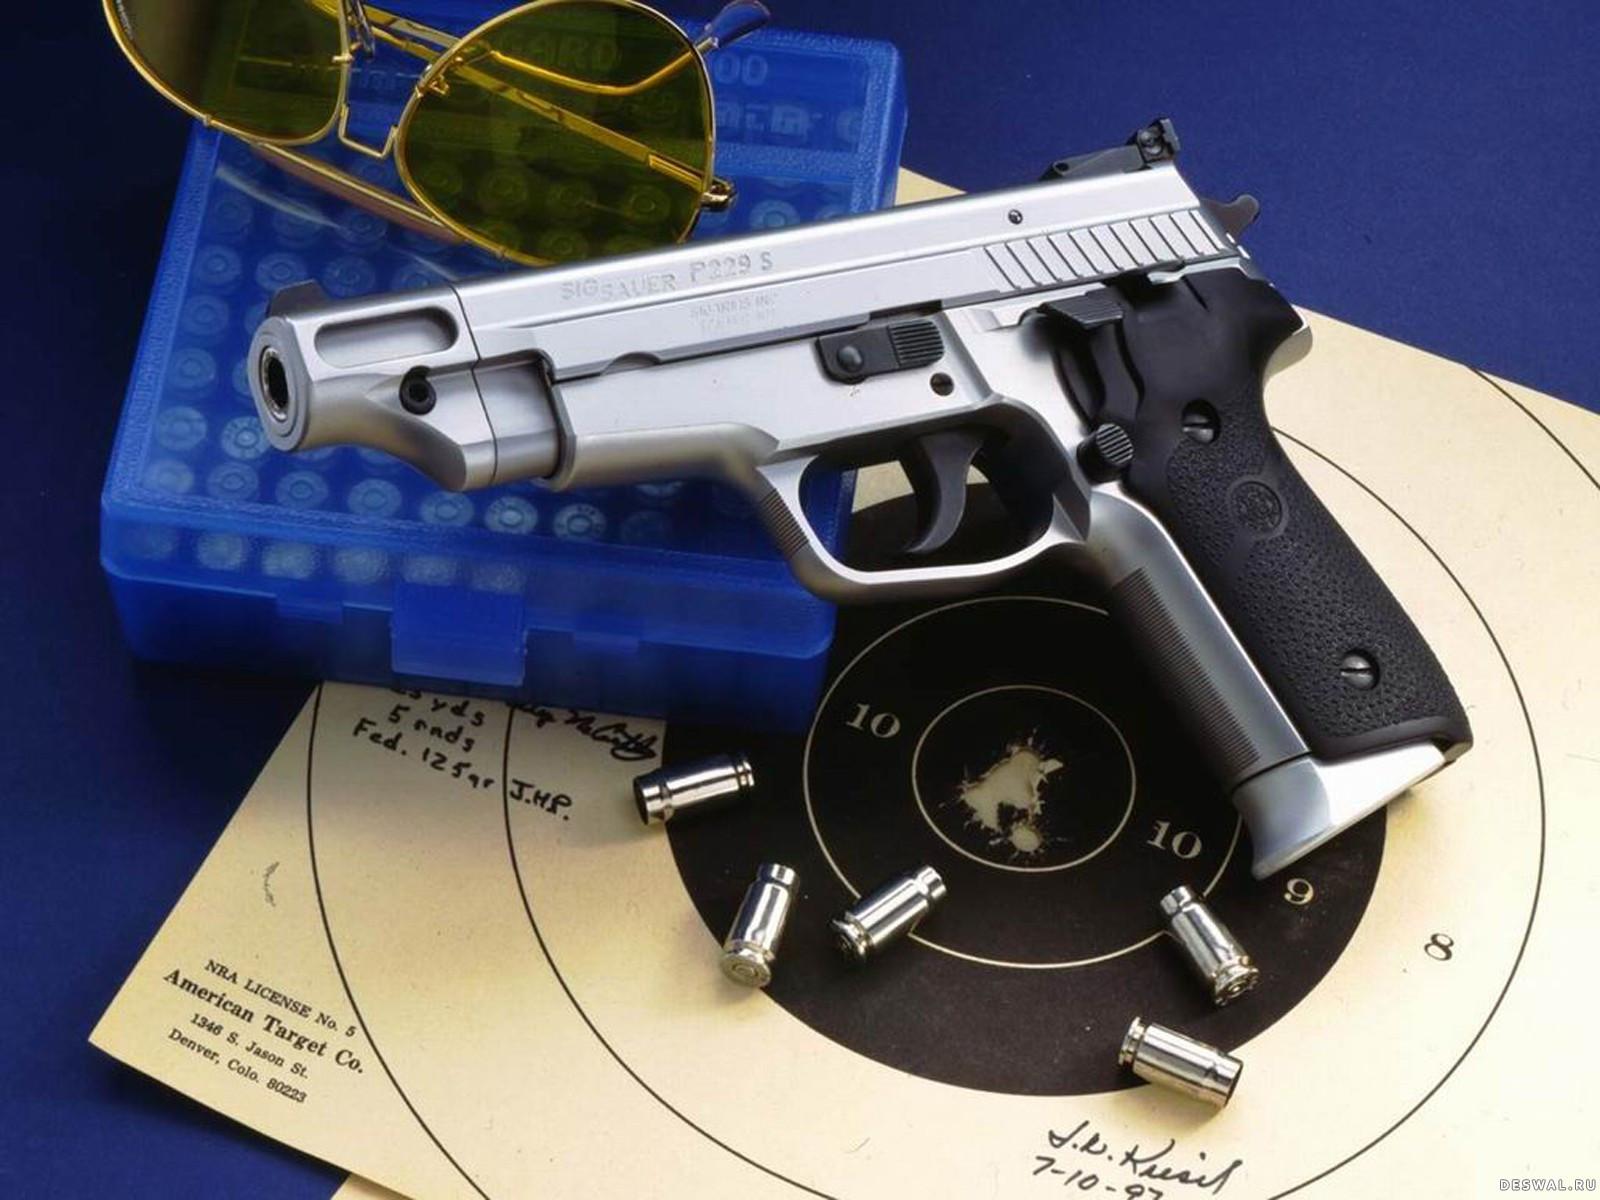 Фото 32. Нажмите на картинку с обоями оружия, чтобы просмотреть ее в реальном размере